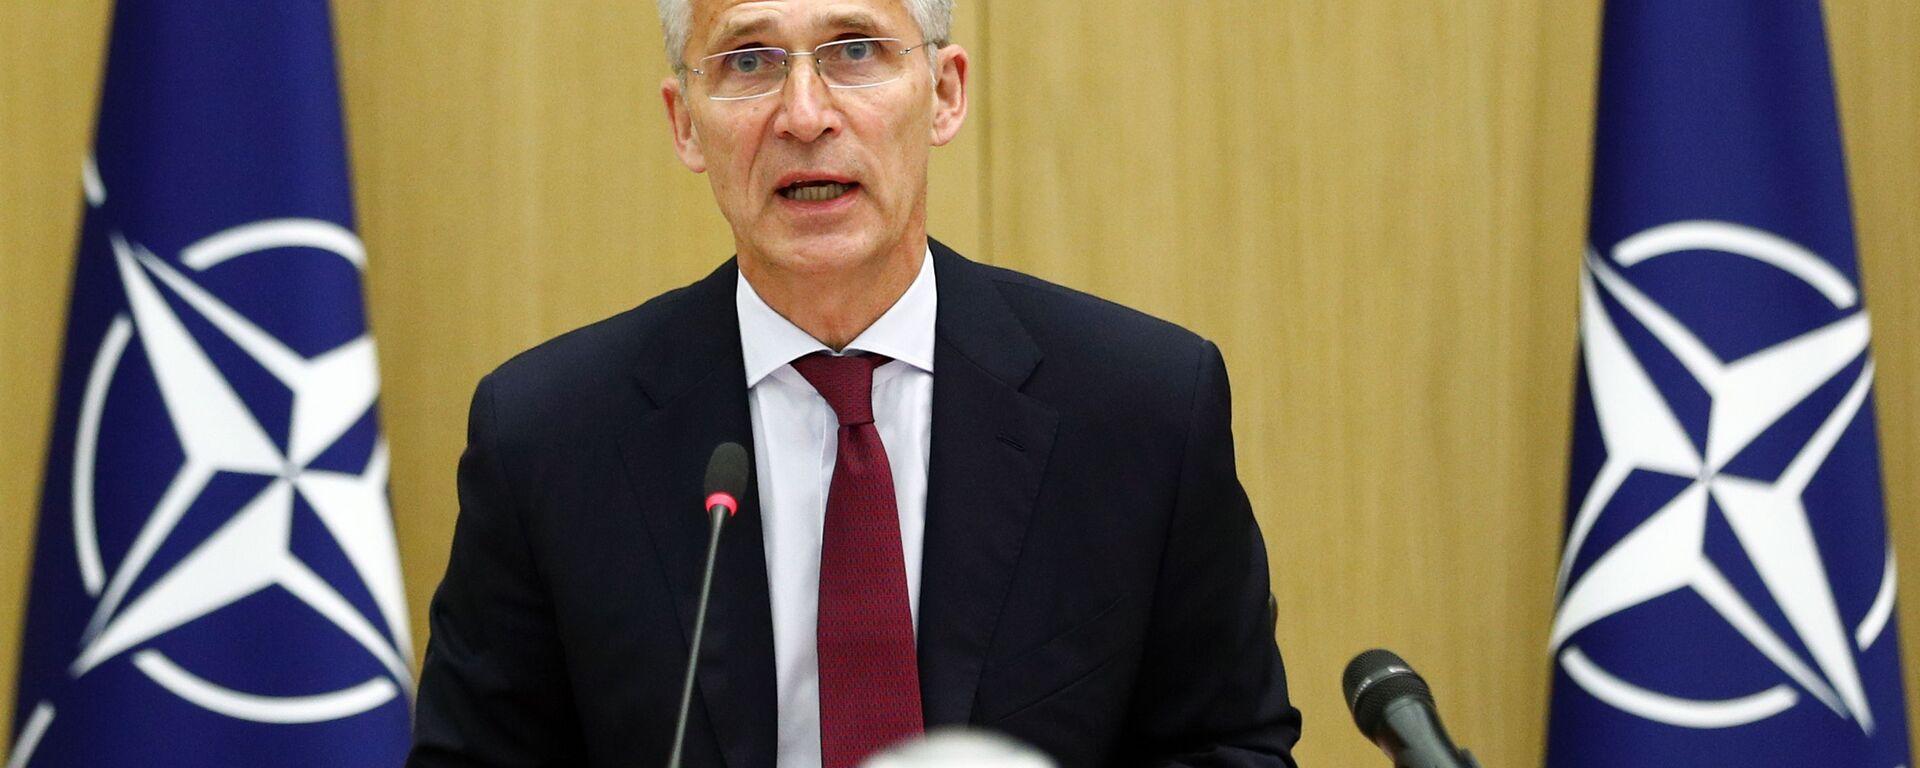 Il segretario generale della NATO Jens Stoltenberg - Sputnik Italia, 1920, 05.09.2021